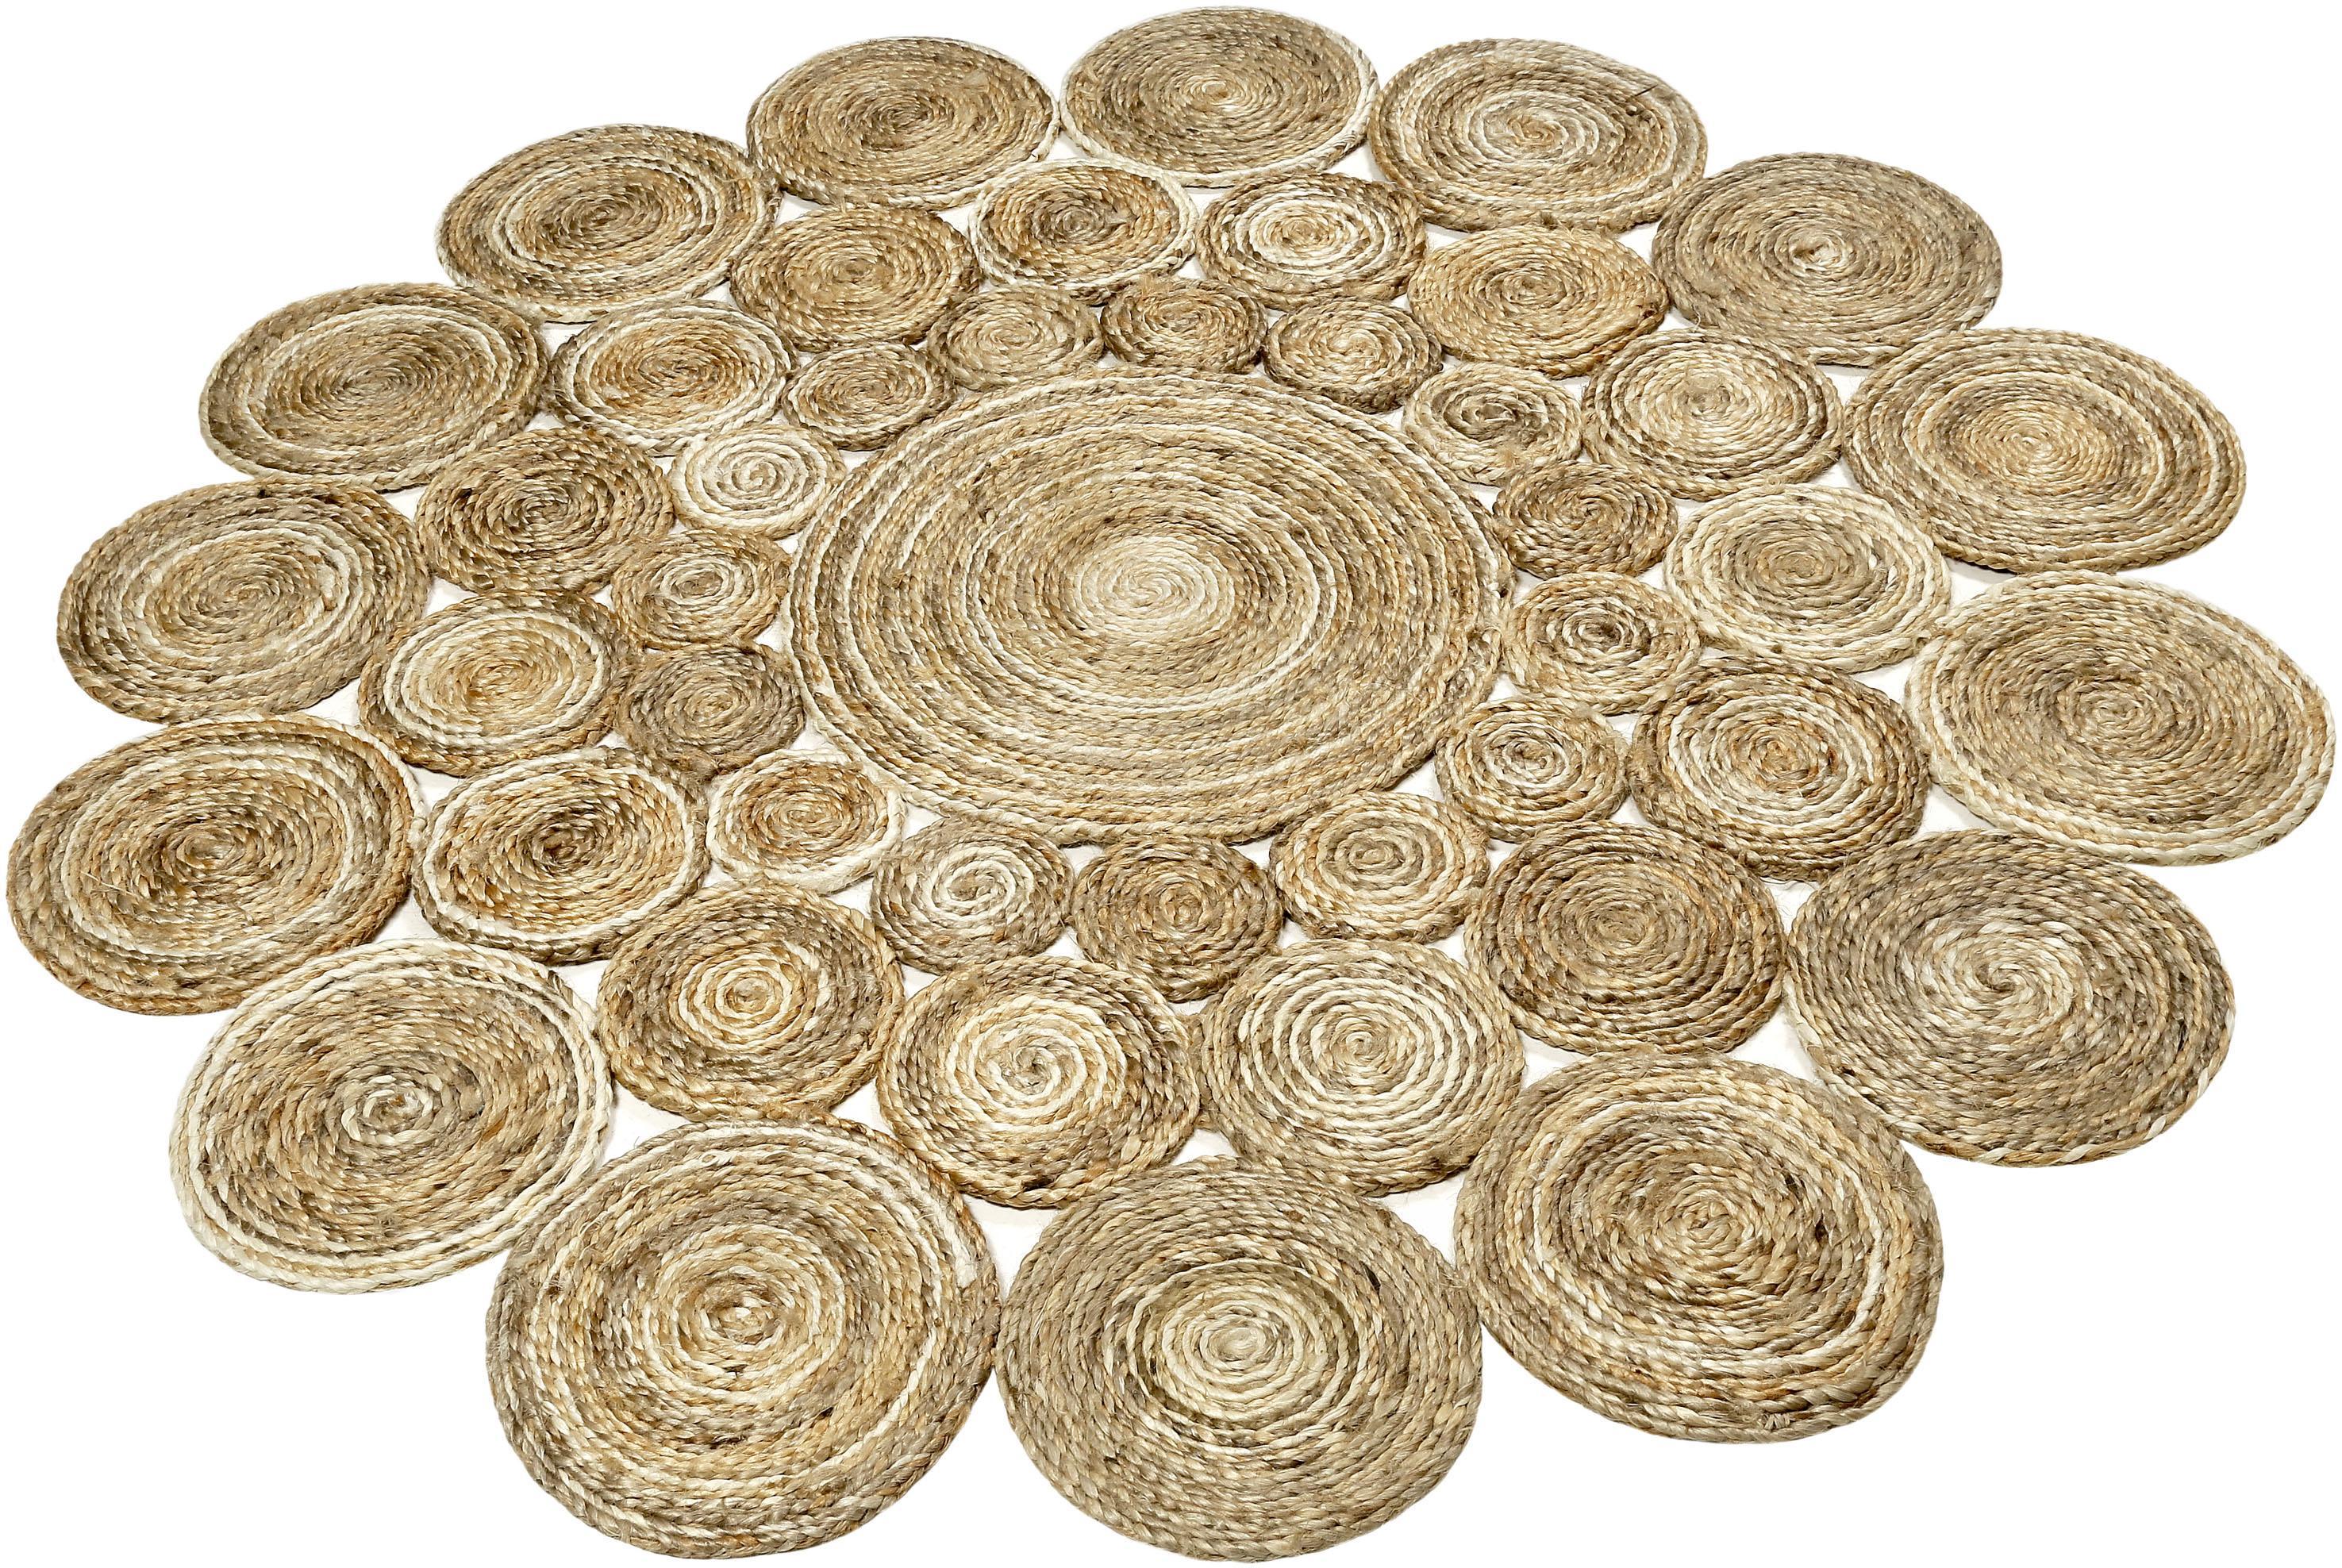 Teppich, »Ceycle Nature«, Esprit, rund, Höhe 7 mm, handgewebt | Heimtextilien > Teppiche > Sonstige-Teppiche | Jute | Esprit